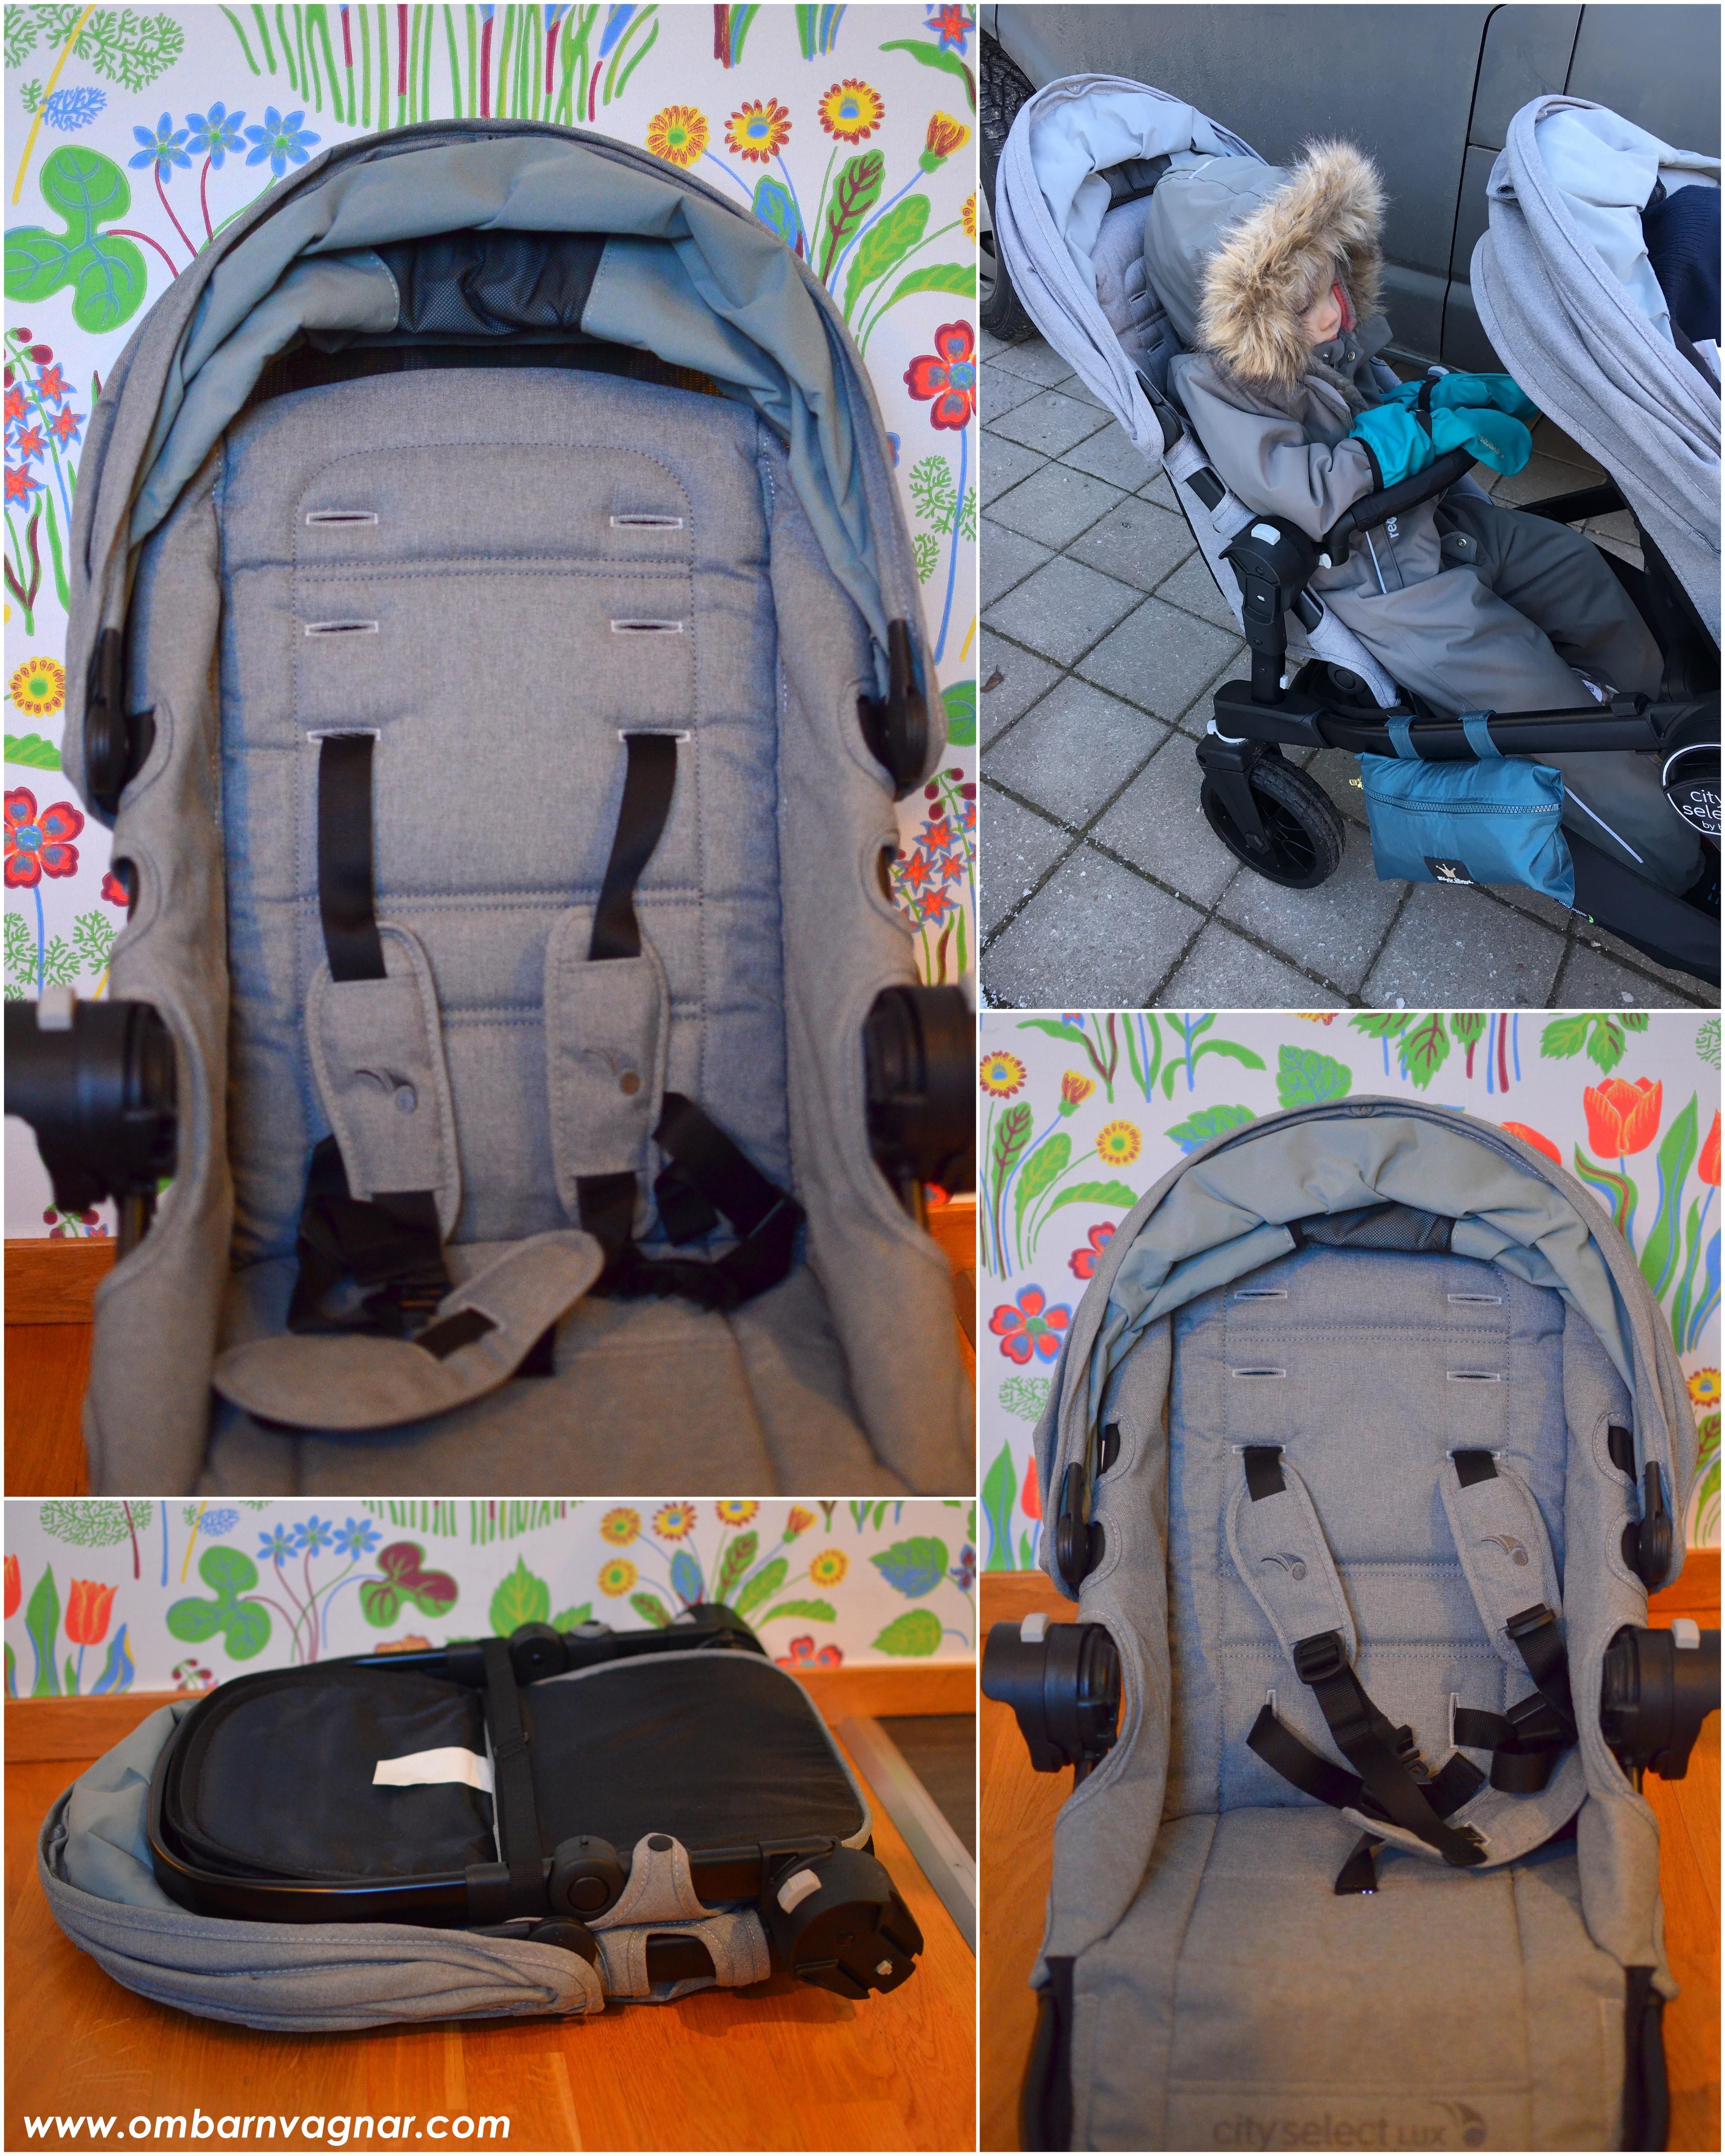 Baby Jogger City Select Lux har en mycket rymlig sittdel med suffletter som kan höjas